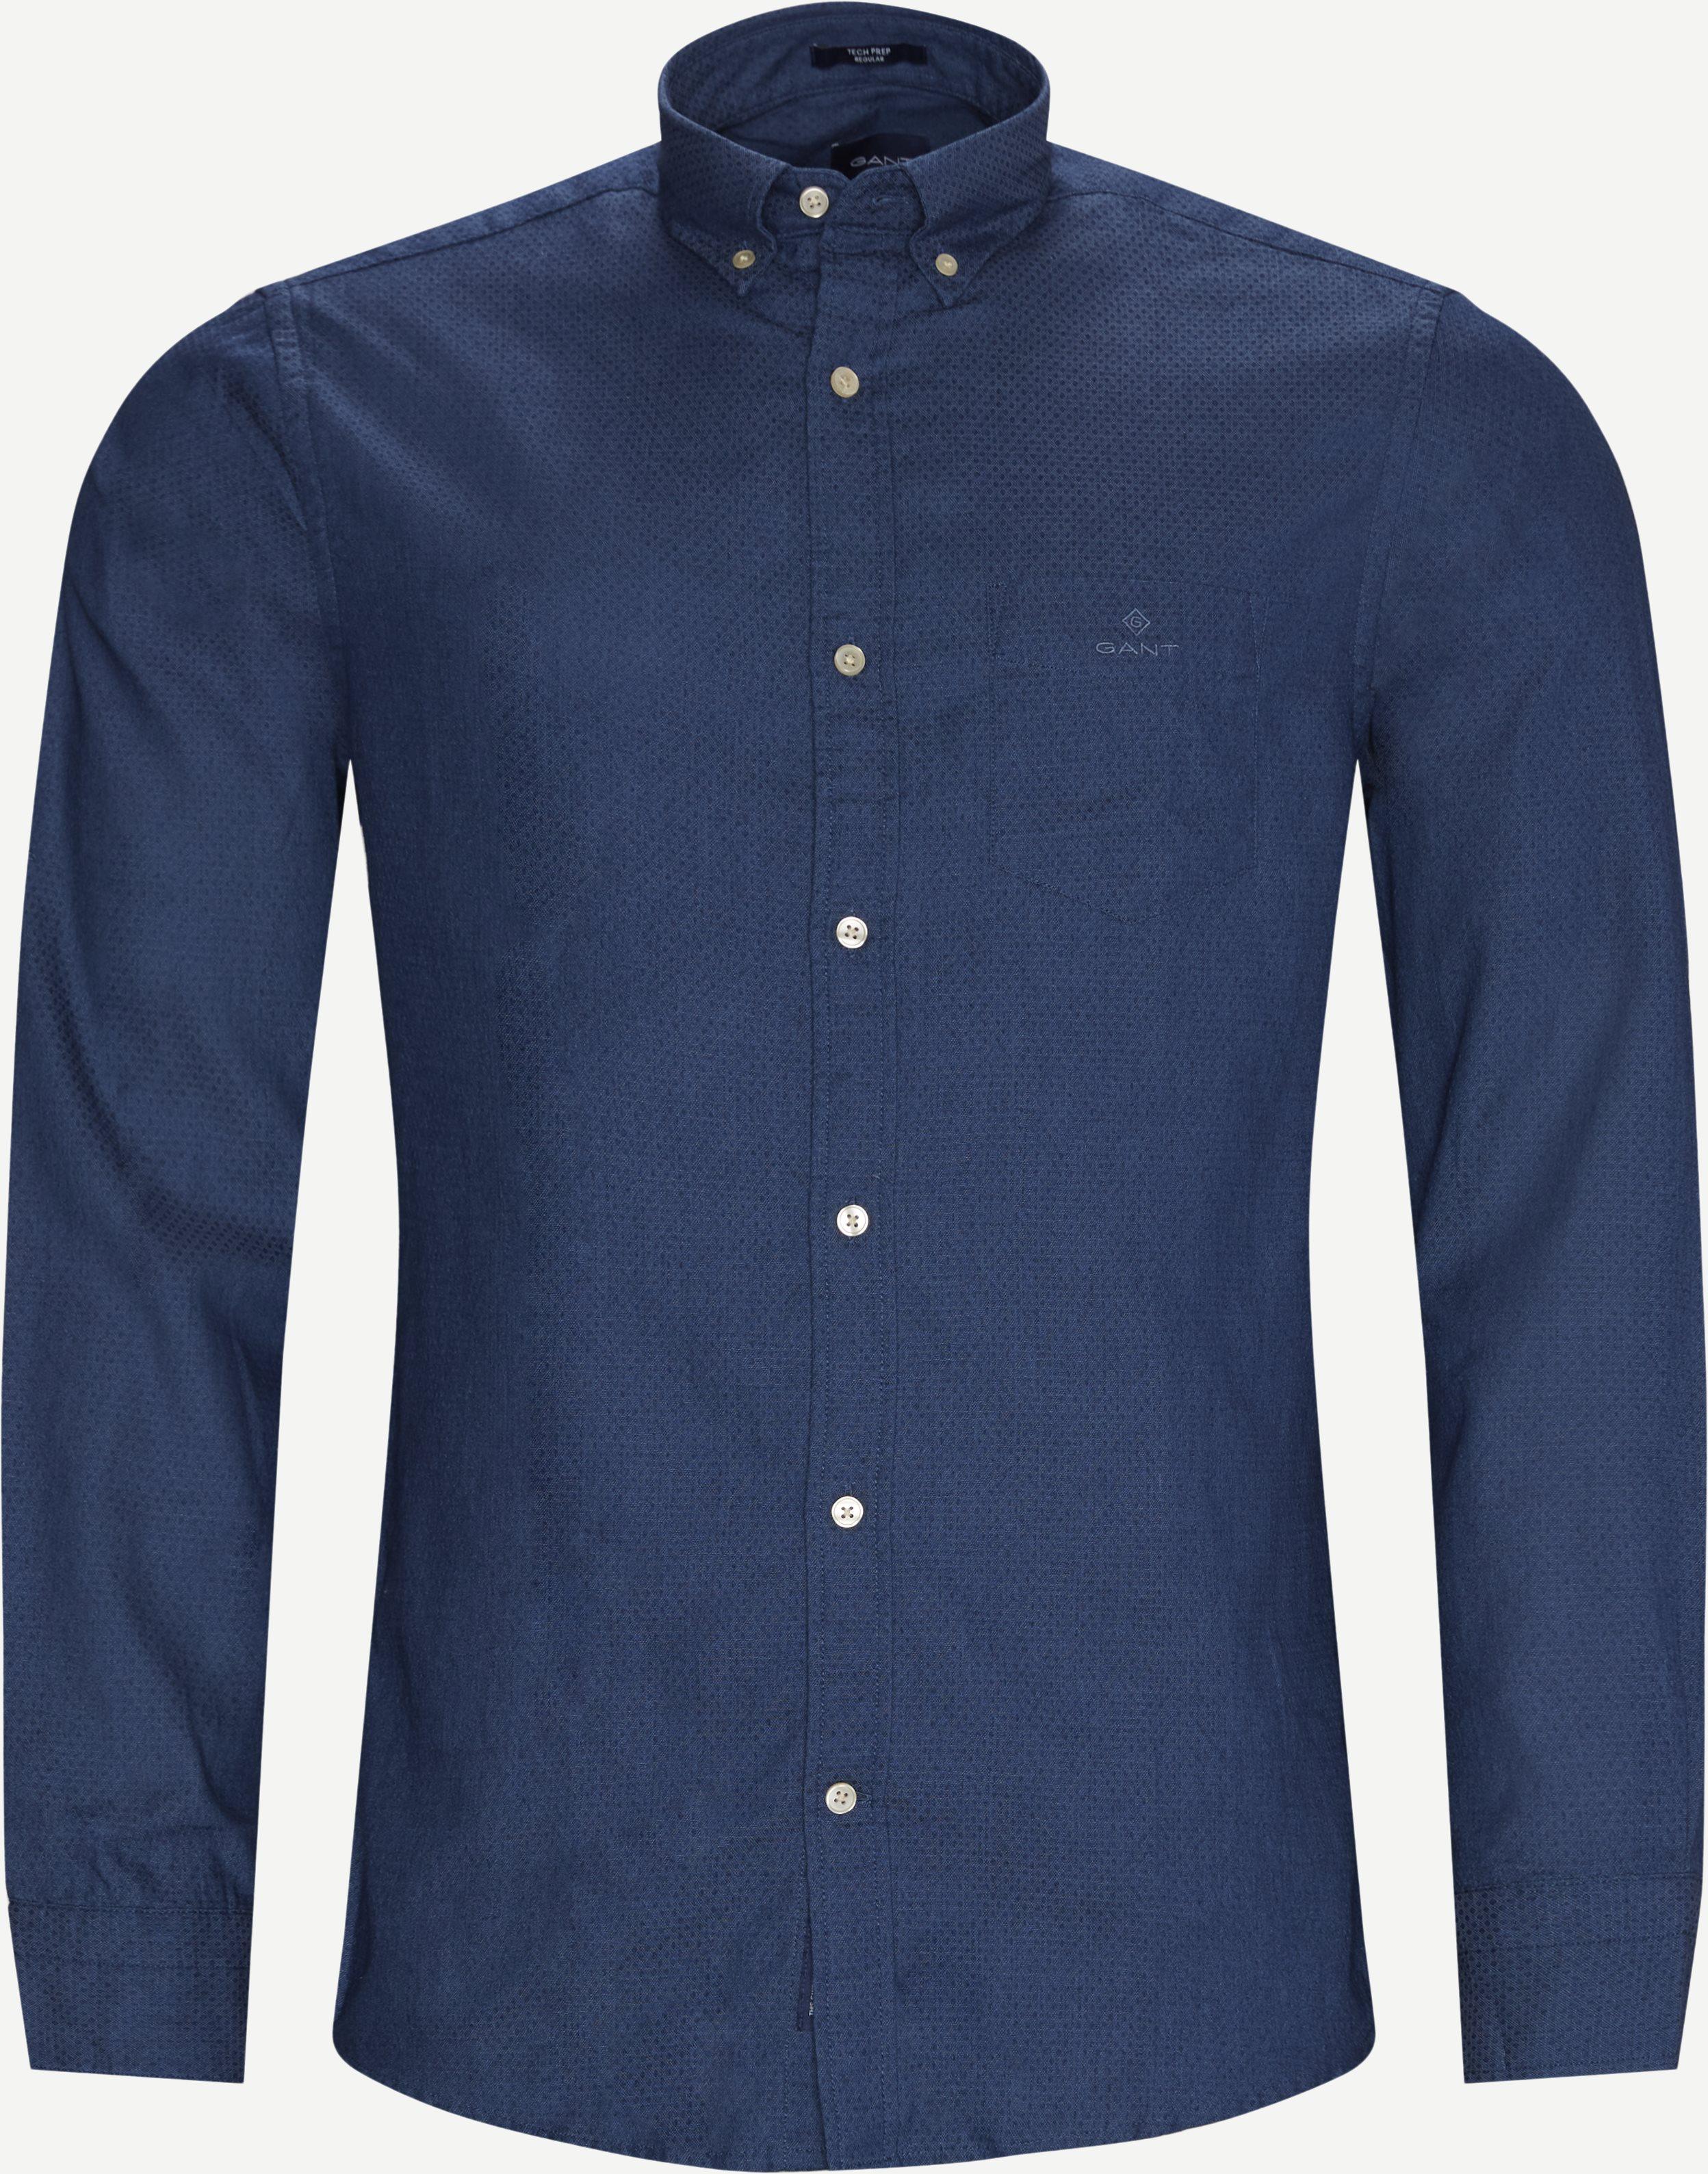 TP Indigo Dobby Reg Shirt - Skjortor - Regular - Blå